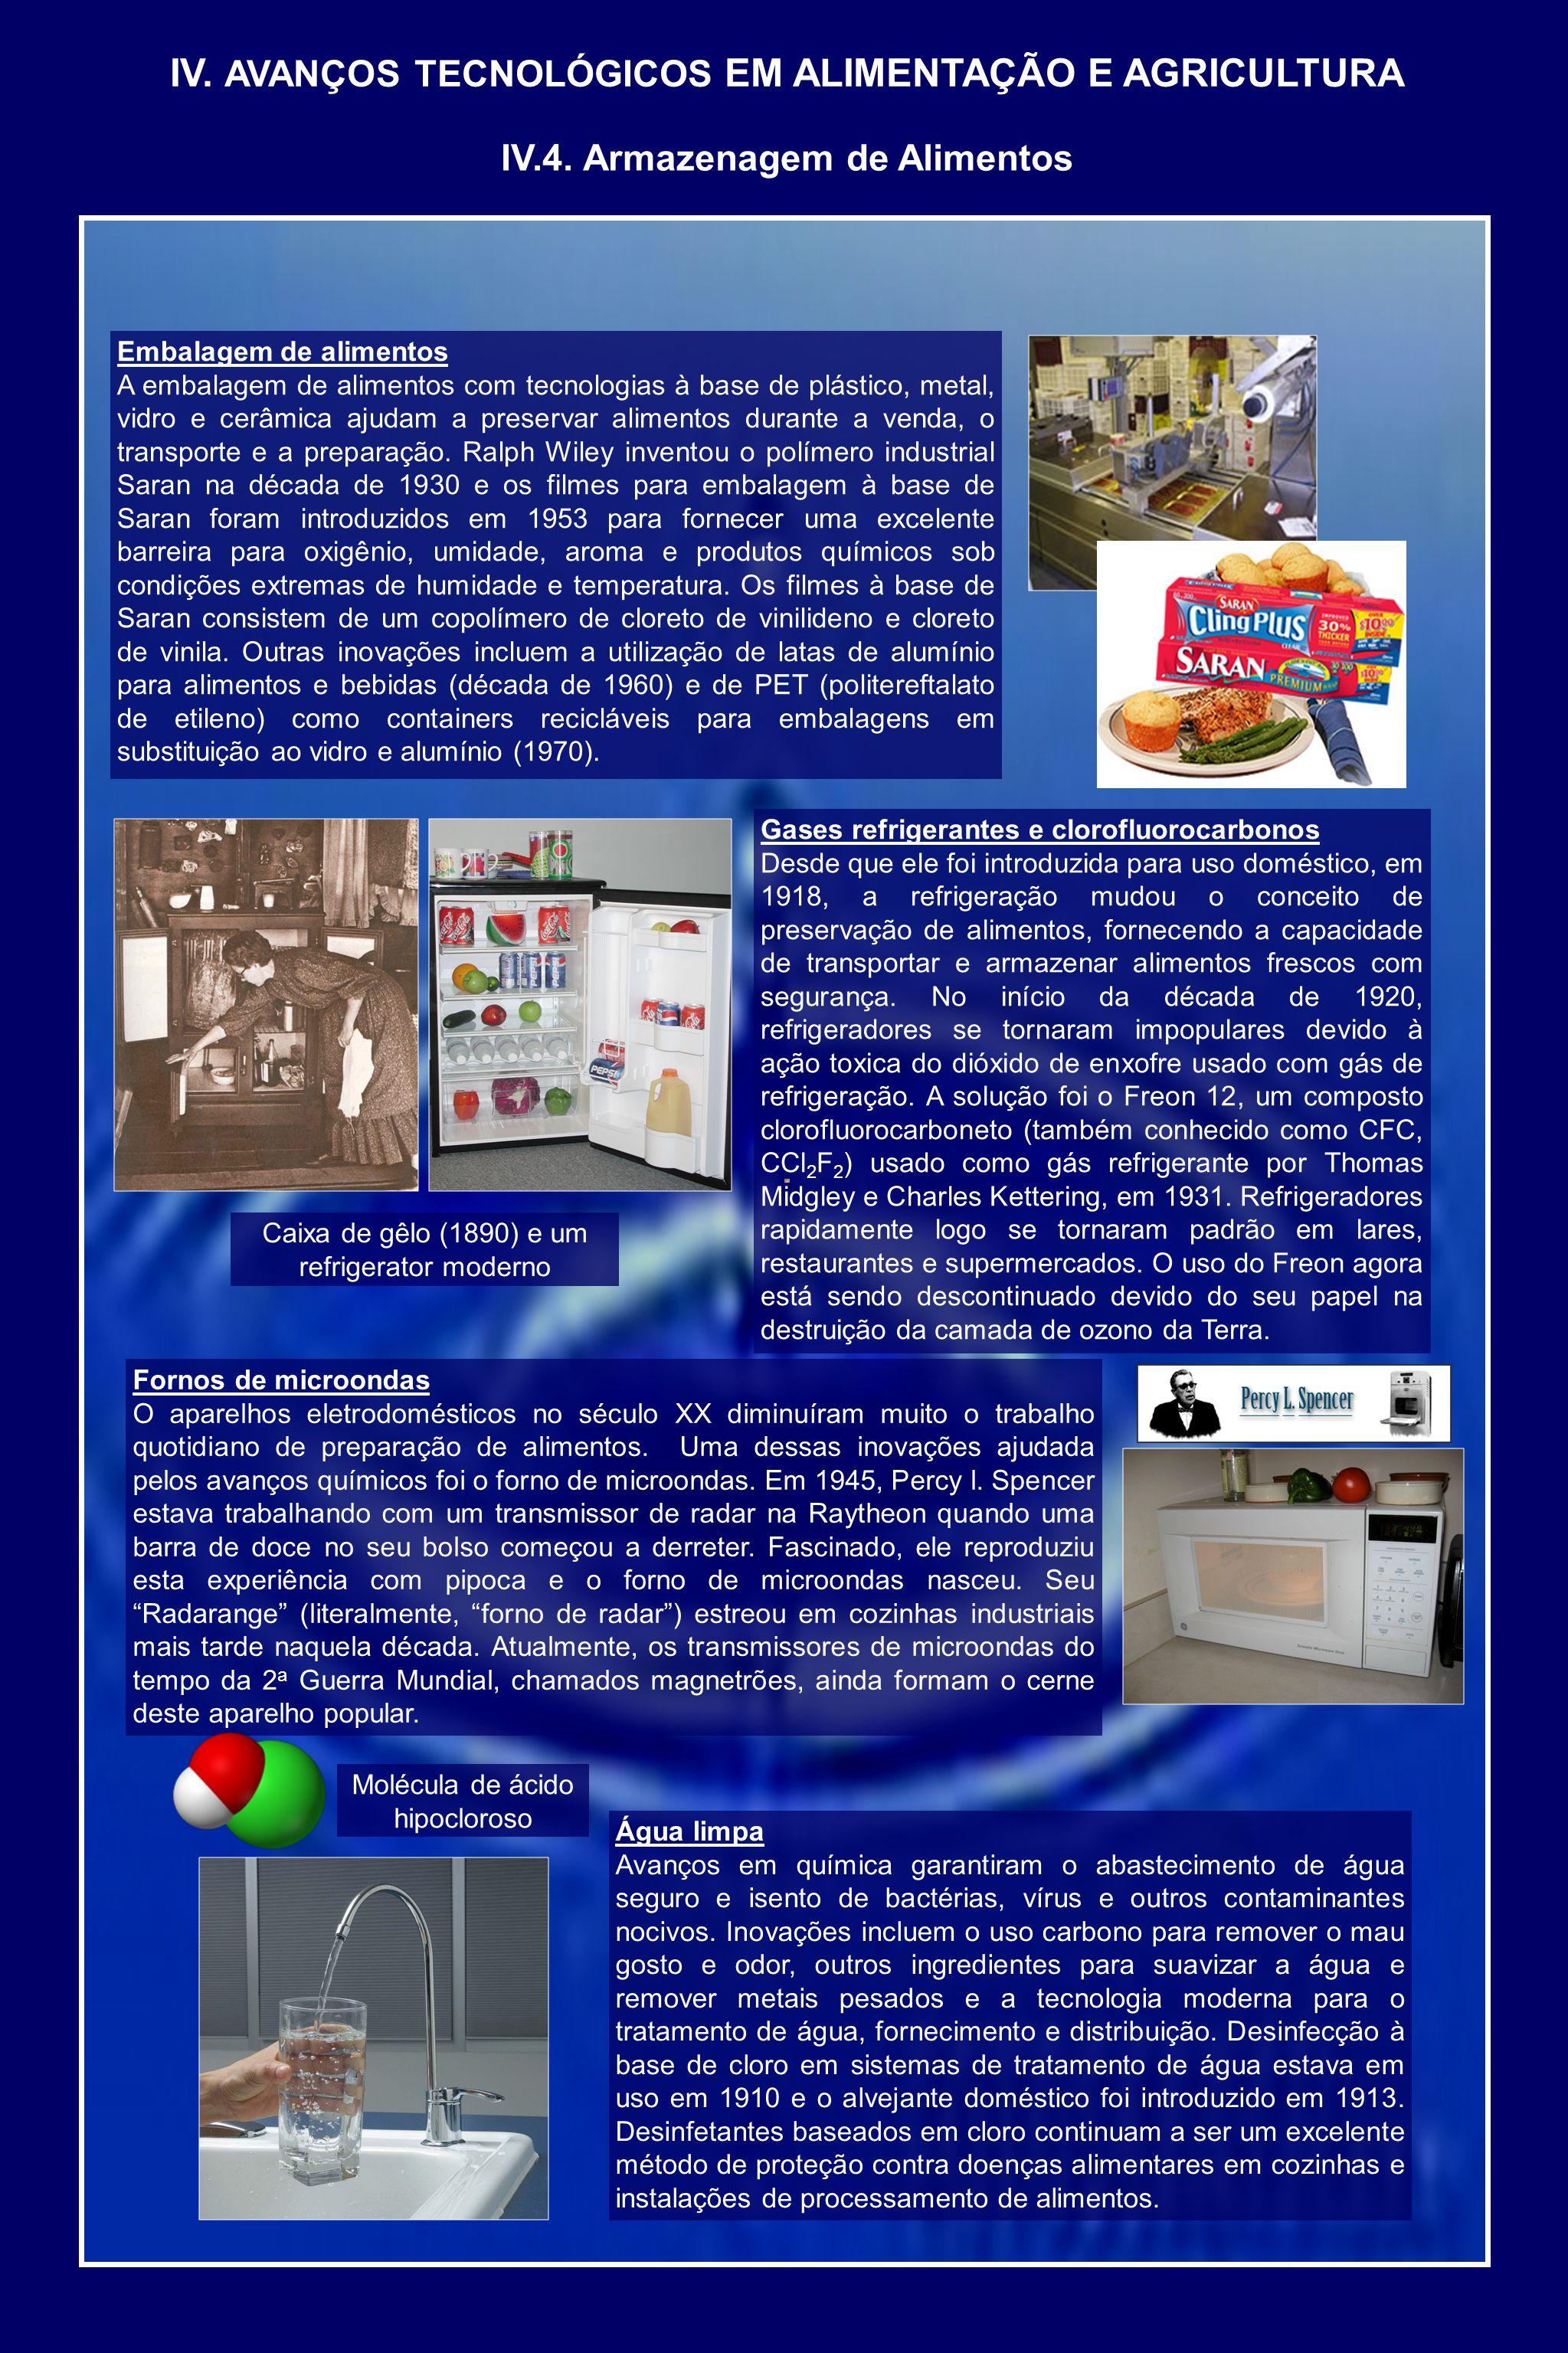 Embalagem de alimentos A embalagem de alimentos com tecnologias à base de plástico, metal, vidro e cerâmica ajudam a preservar alimentos durante a venda, o transporte e a preparação.